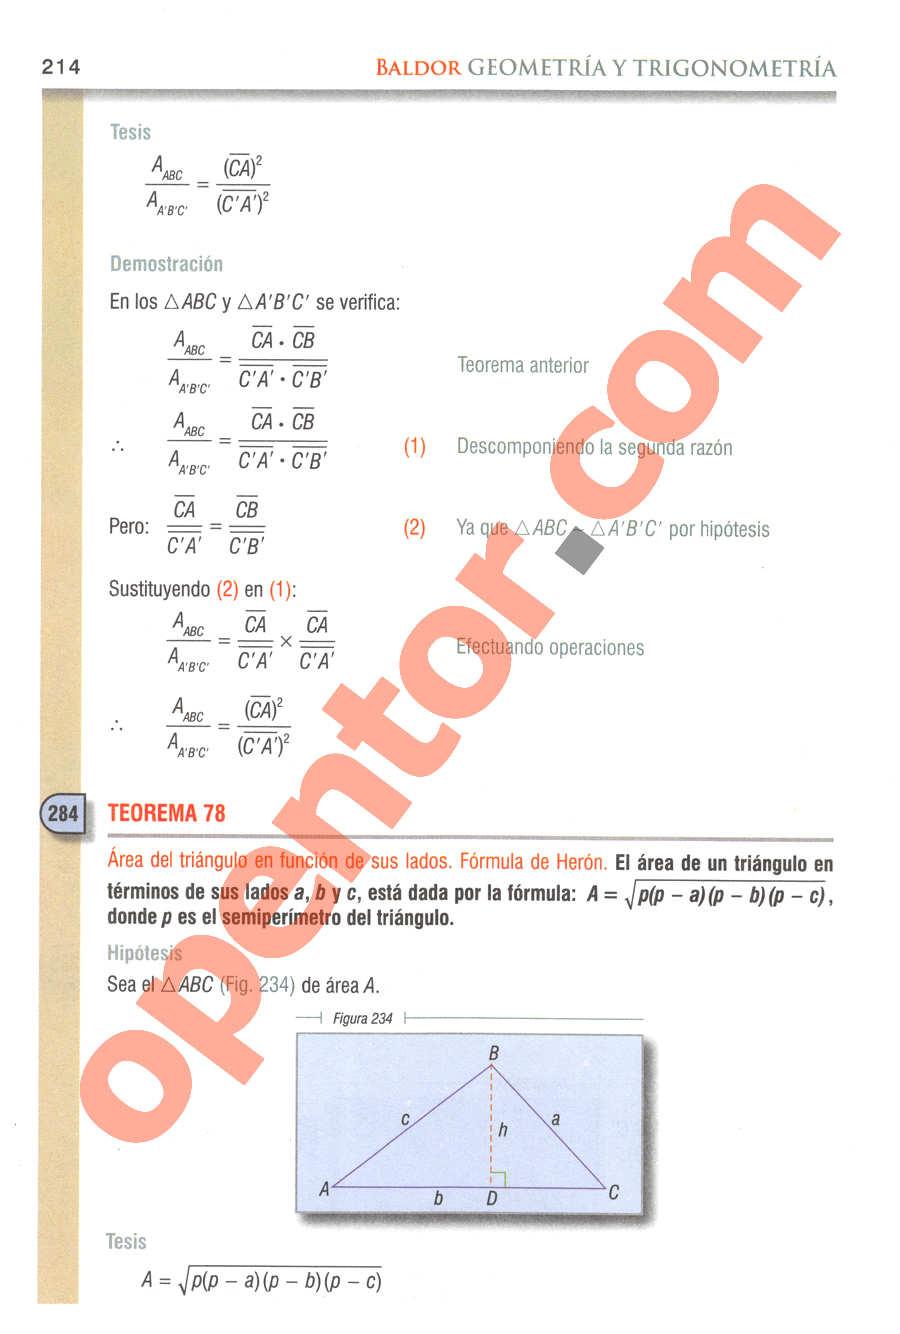 Geometría y Trigonometría de Baldor - Página 214